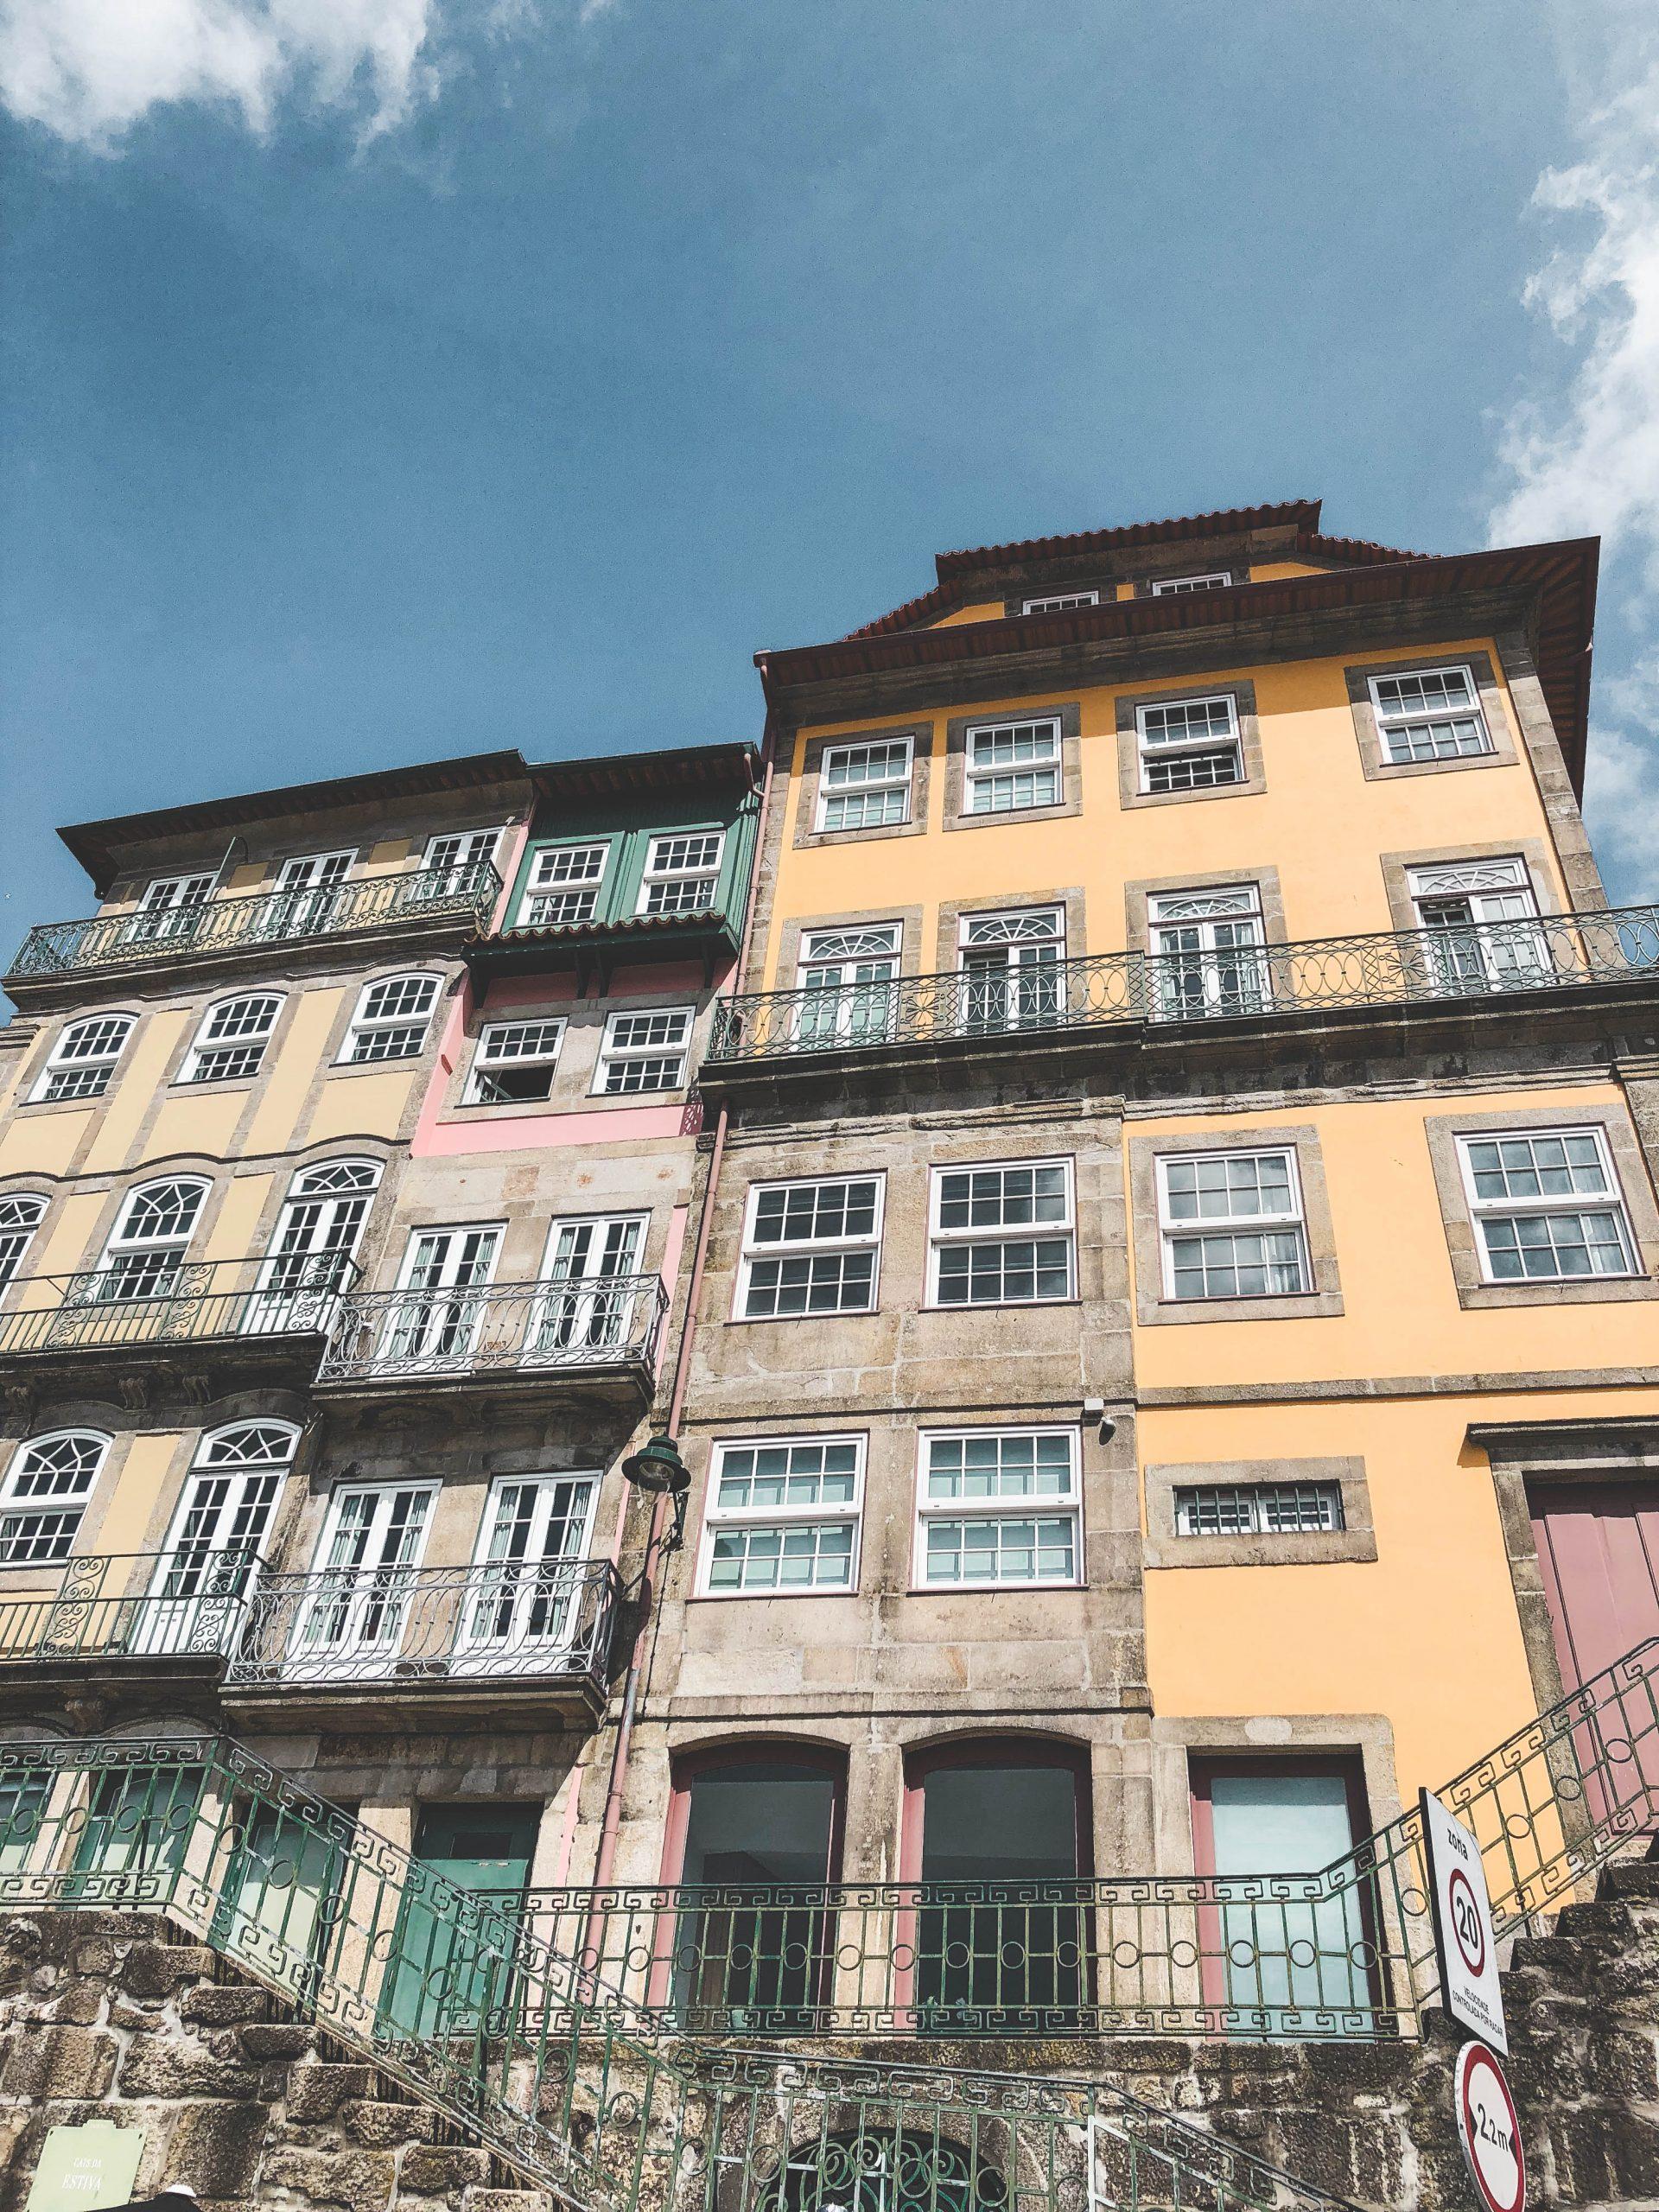 Les jolies maisons portuanes